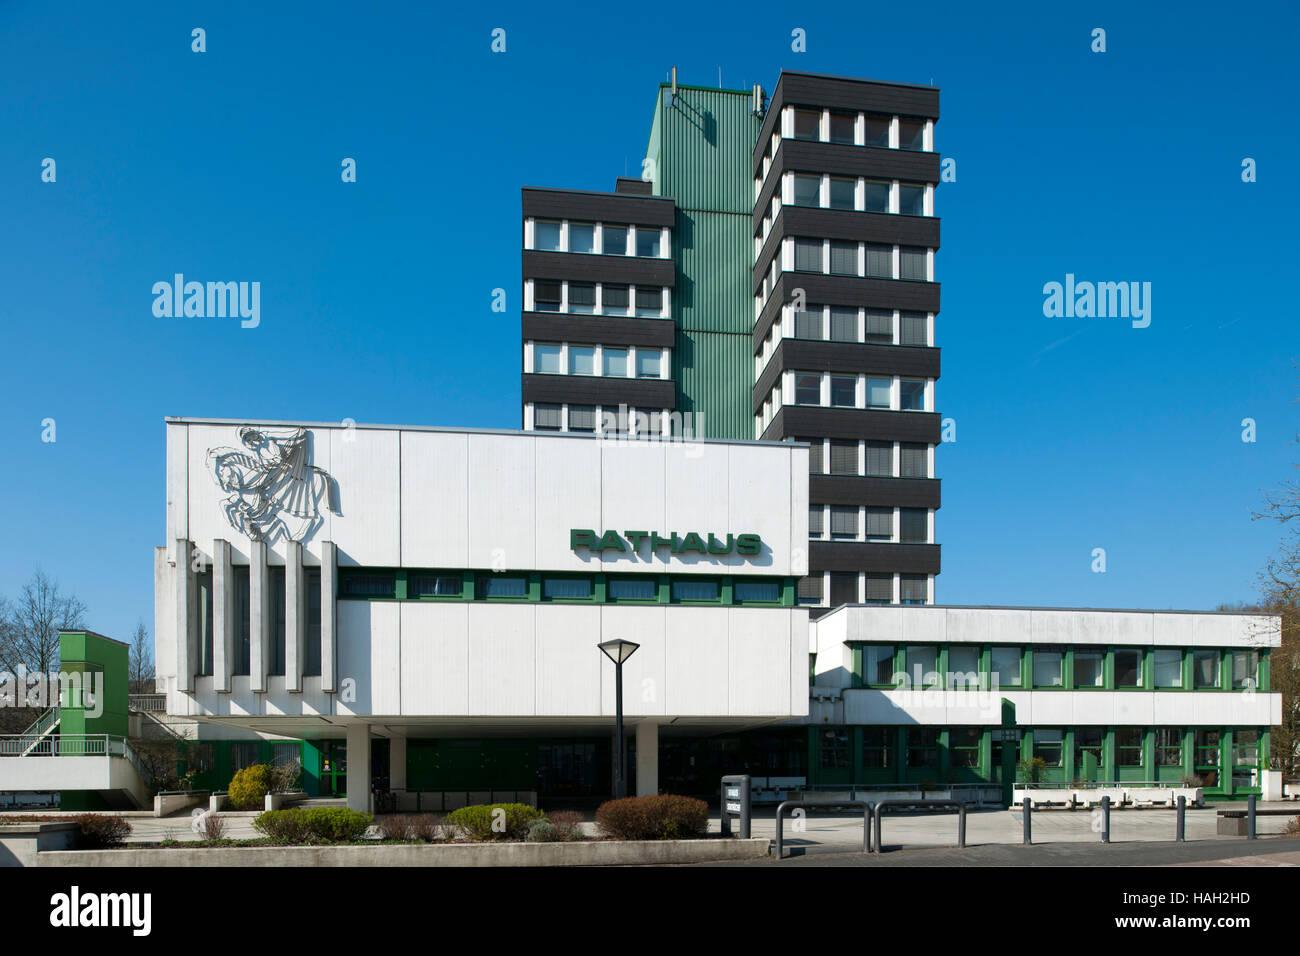 Deutschland, Nordrhein-Westfalen, Olpe, Rathaus - Stock Image